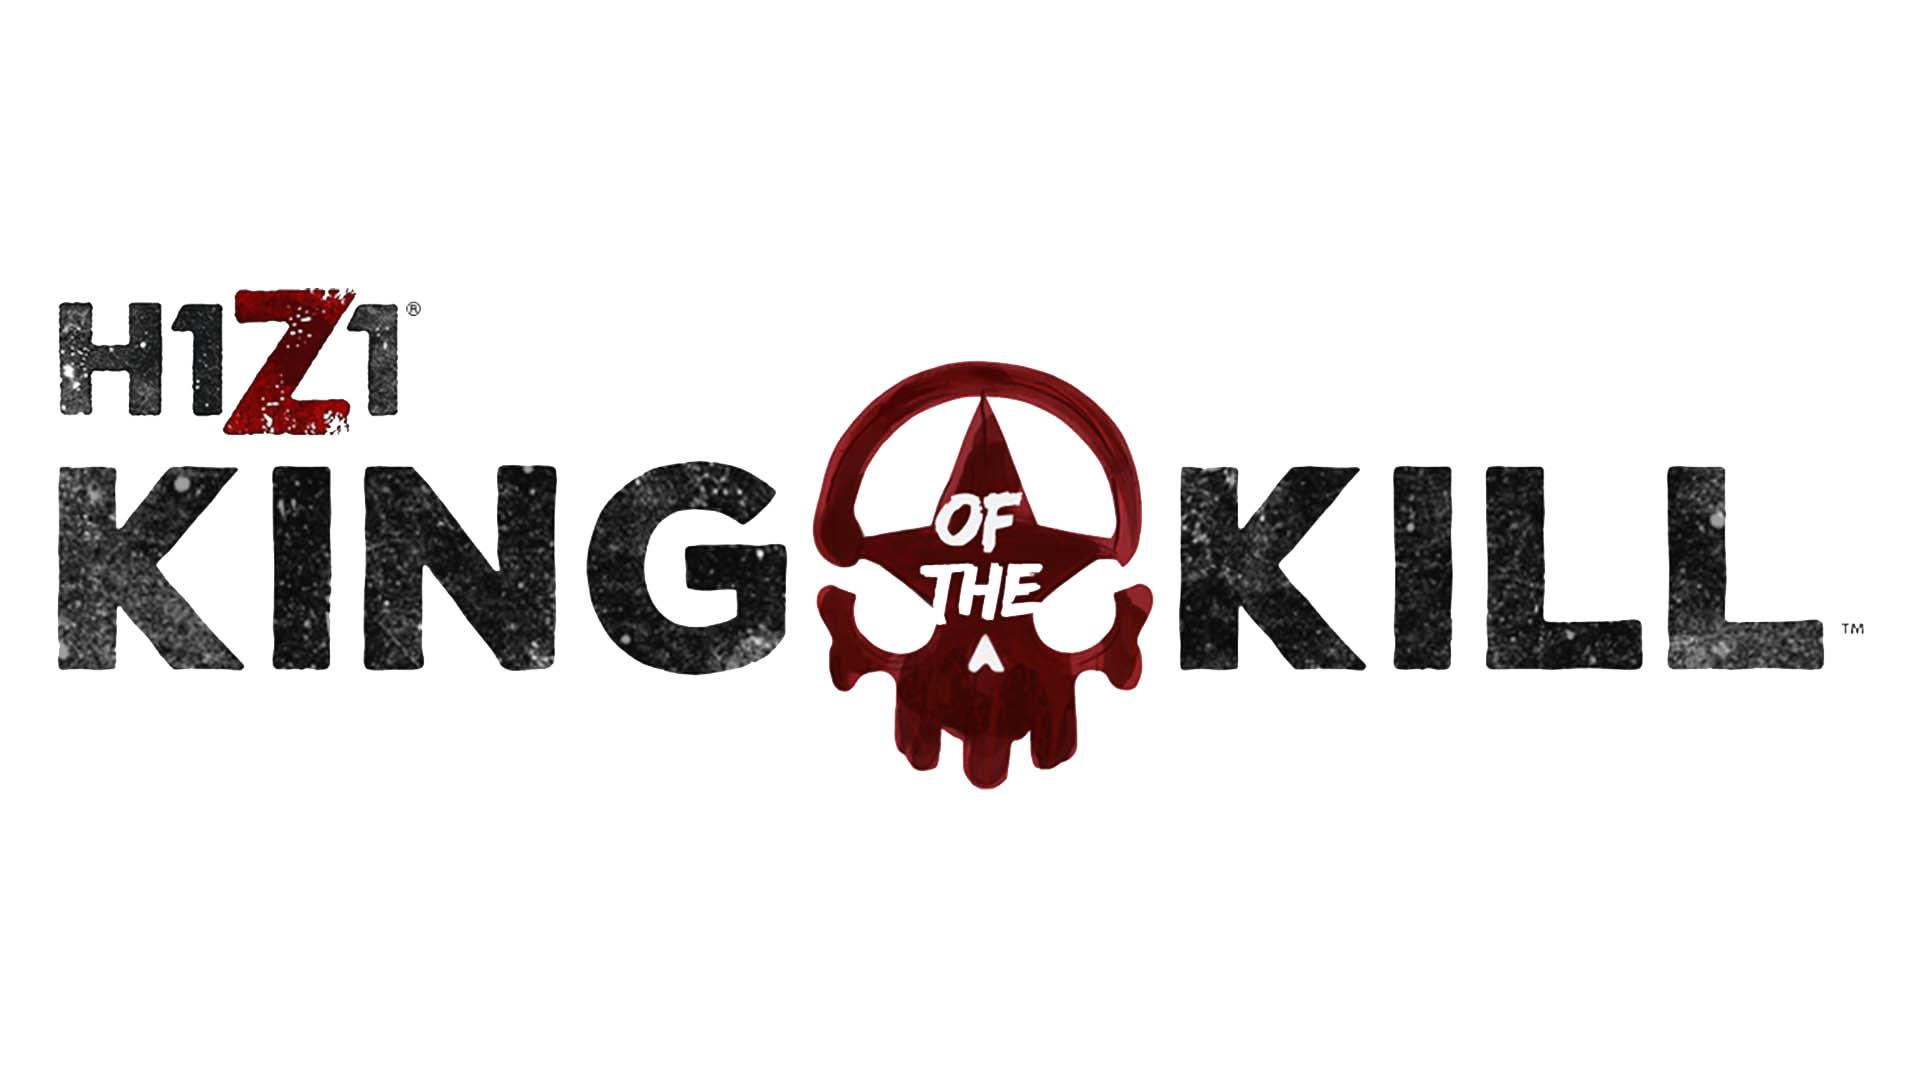 Daybreak veröffentlicht großes Update für H1Z1: King of the Kill